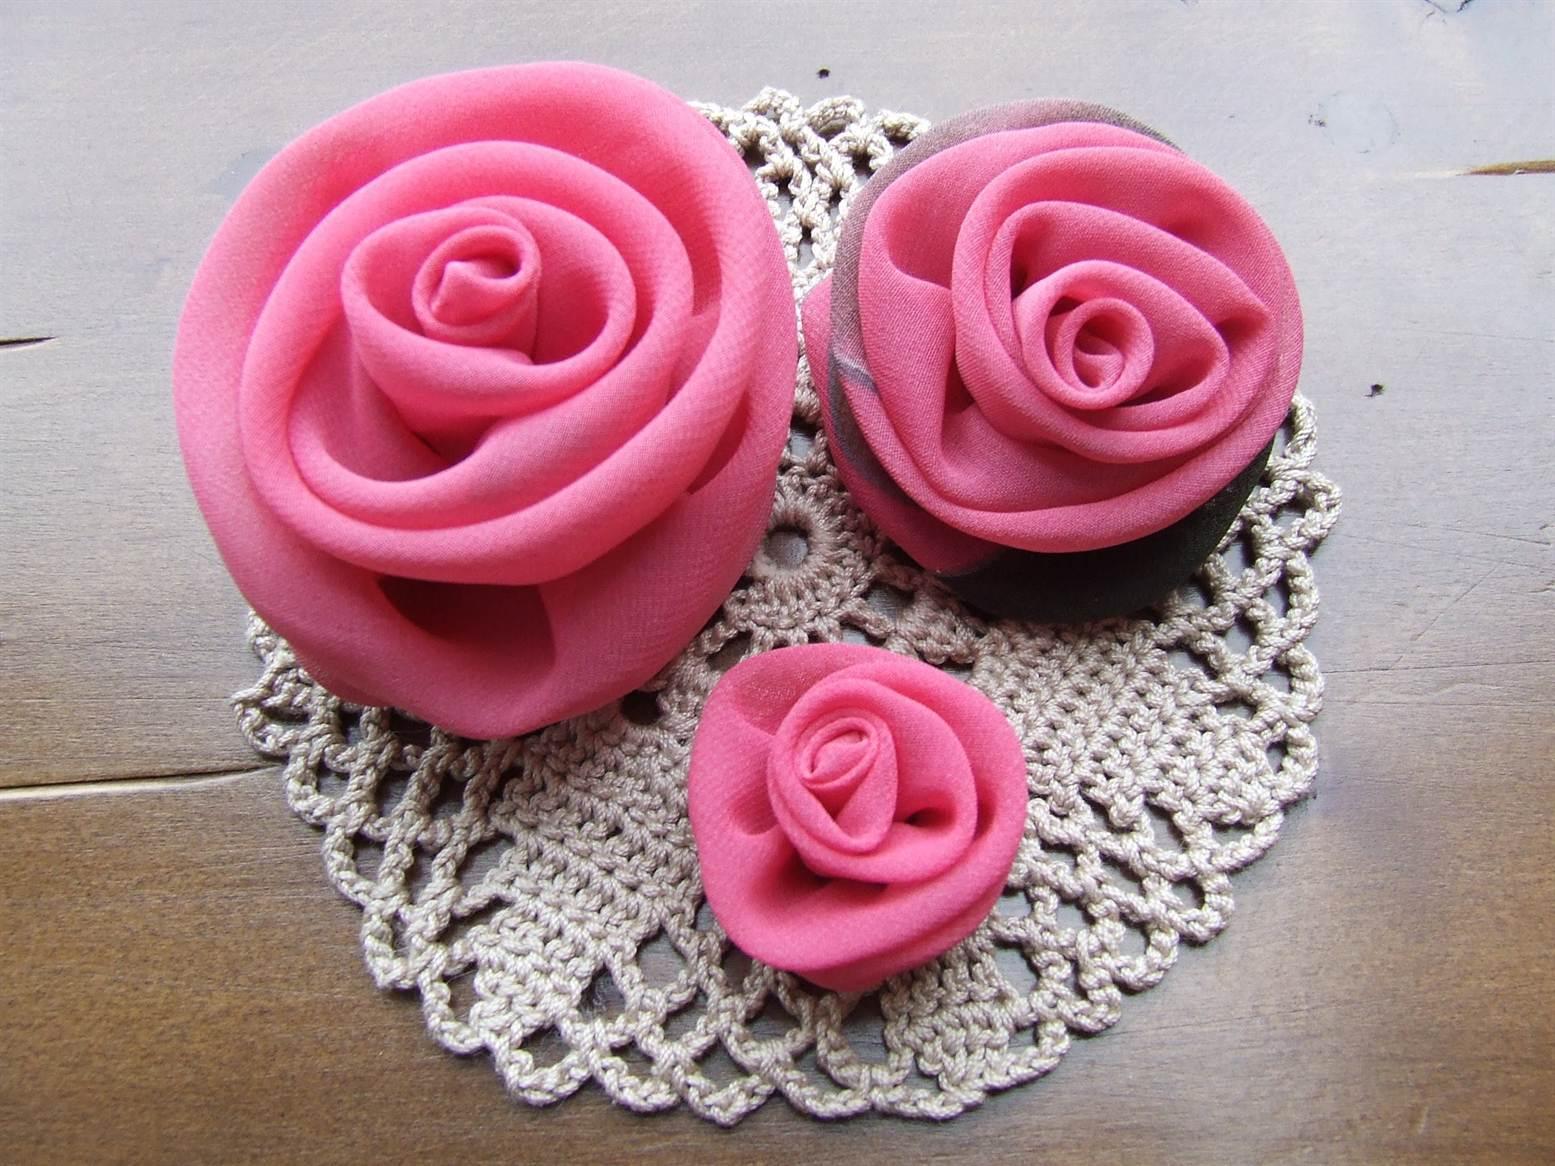 Сделать своими руками цветы розы фото 507